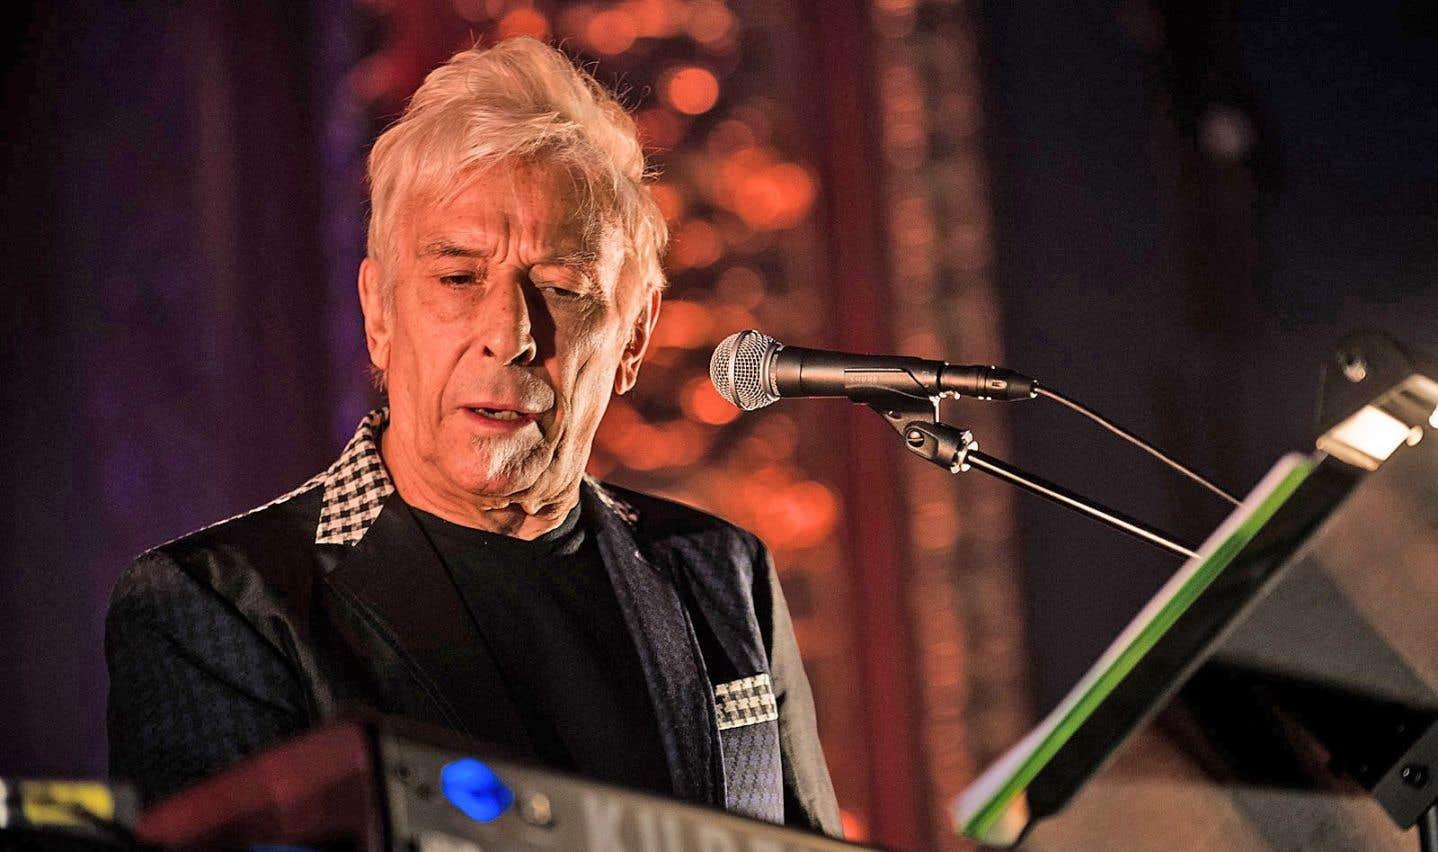 Le concert de l'artiste John Cale a été l'un des moments forts de ce POP 2016, selon son directeur, Dan Seligman.